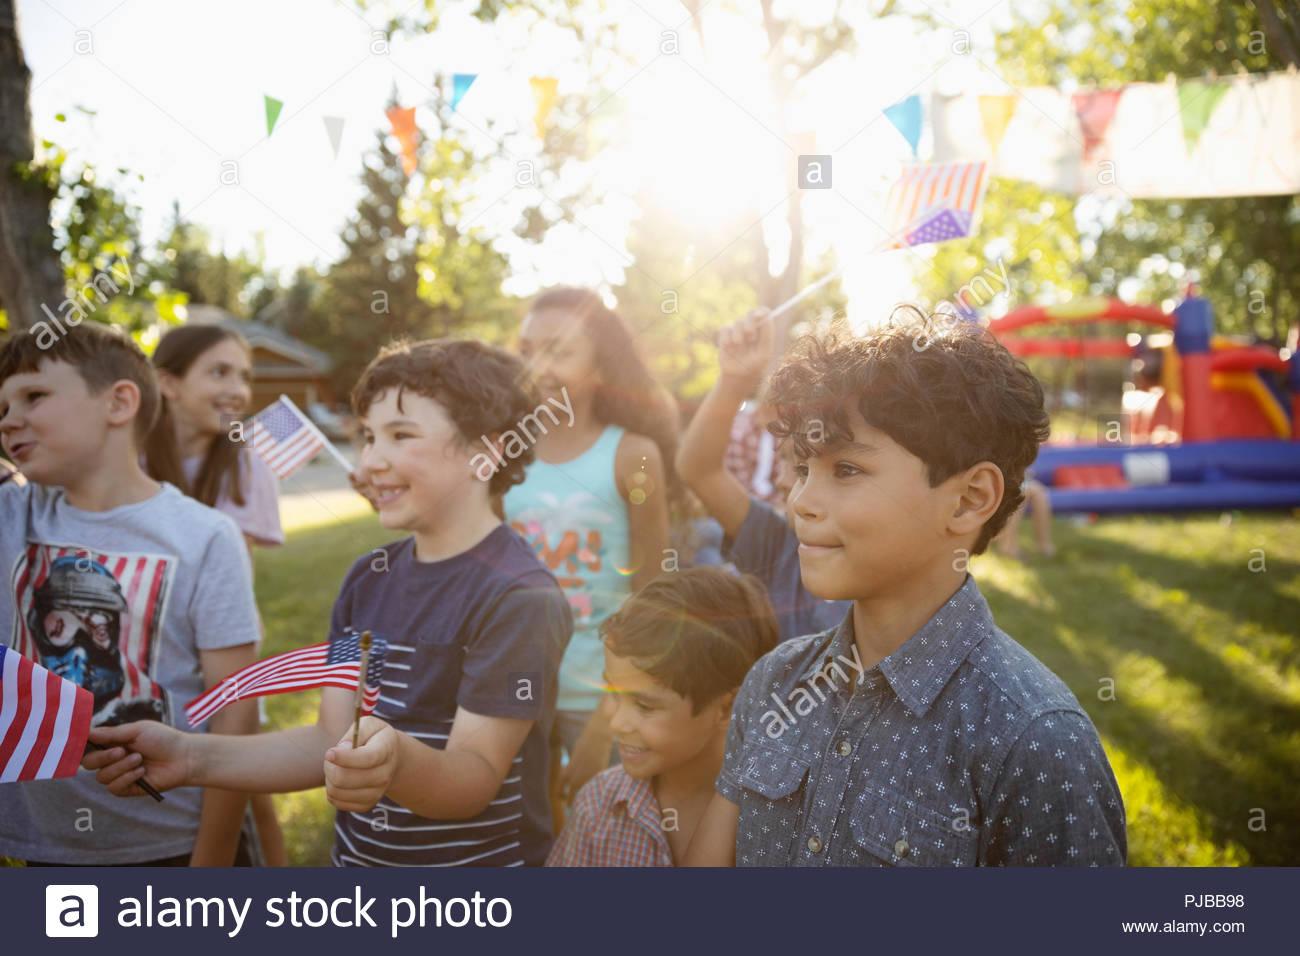 Los niños agitando banderas americanas en el 4º de julio de barrio de verano BLOCK PARTY en sunny park Imagen De Stock